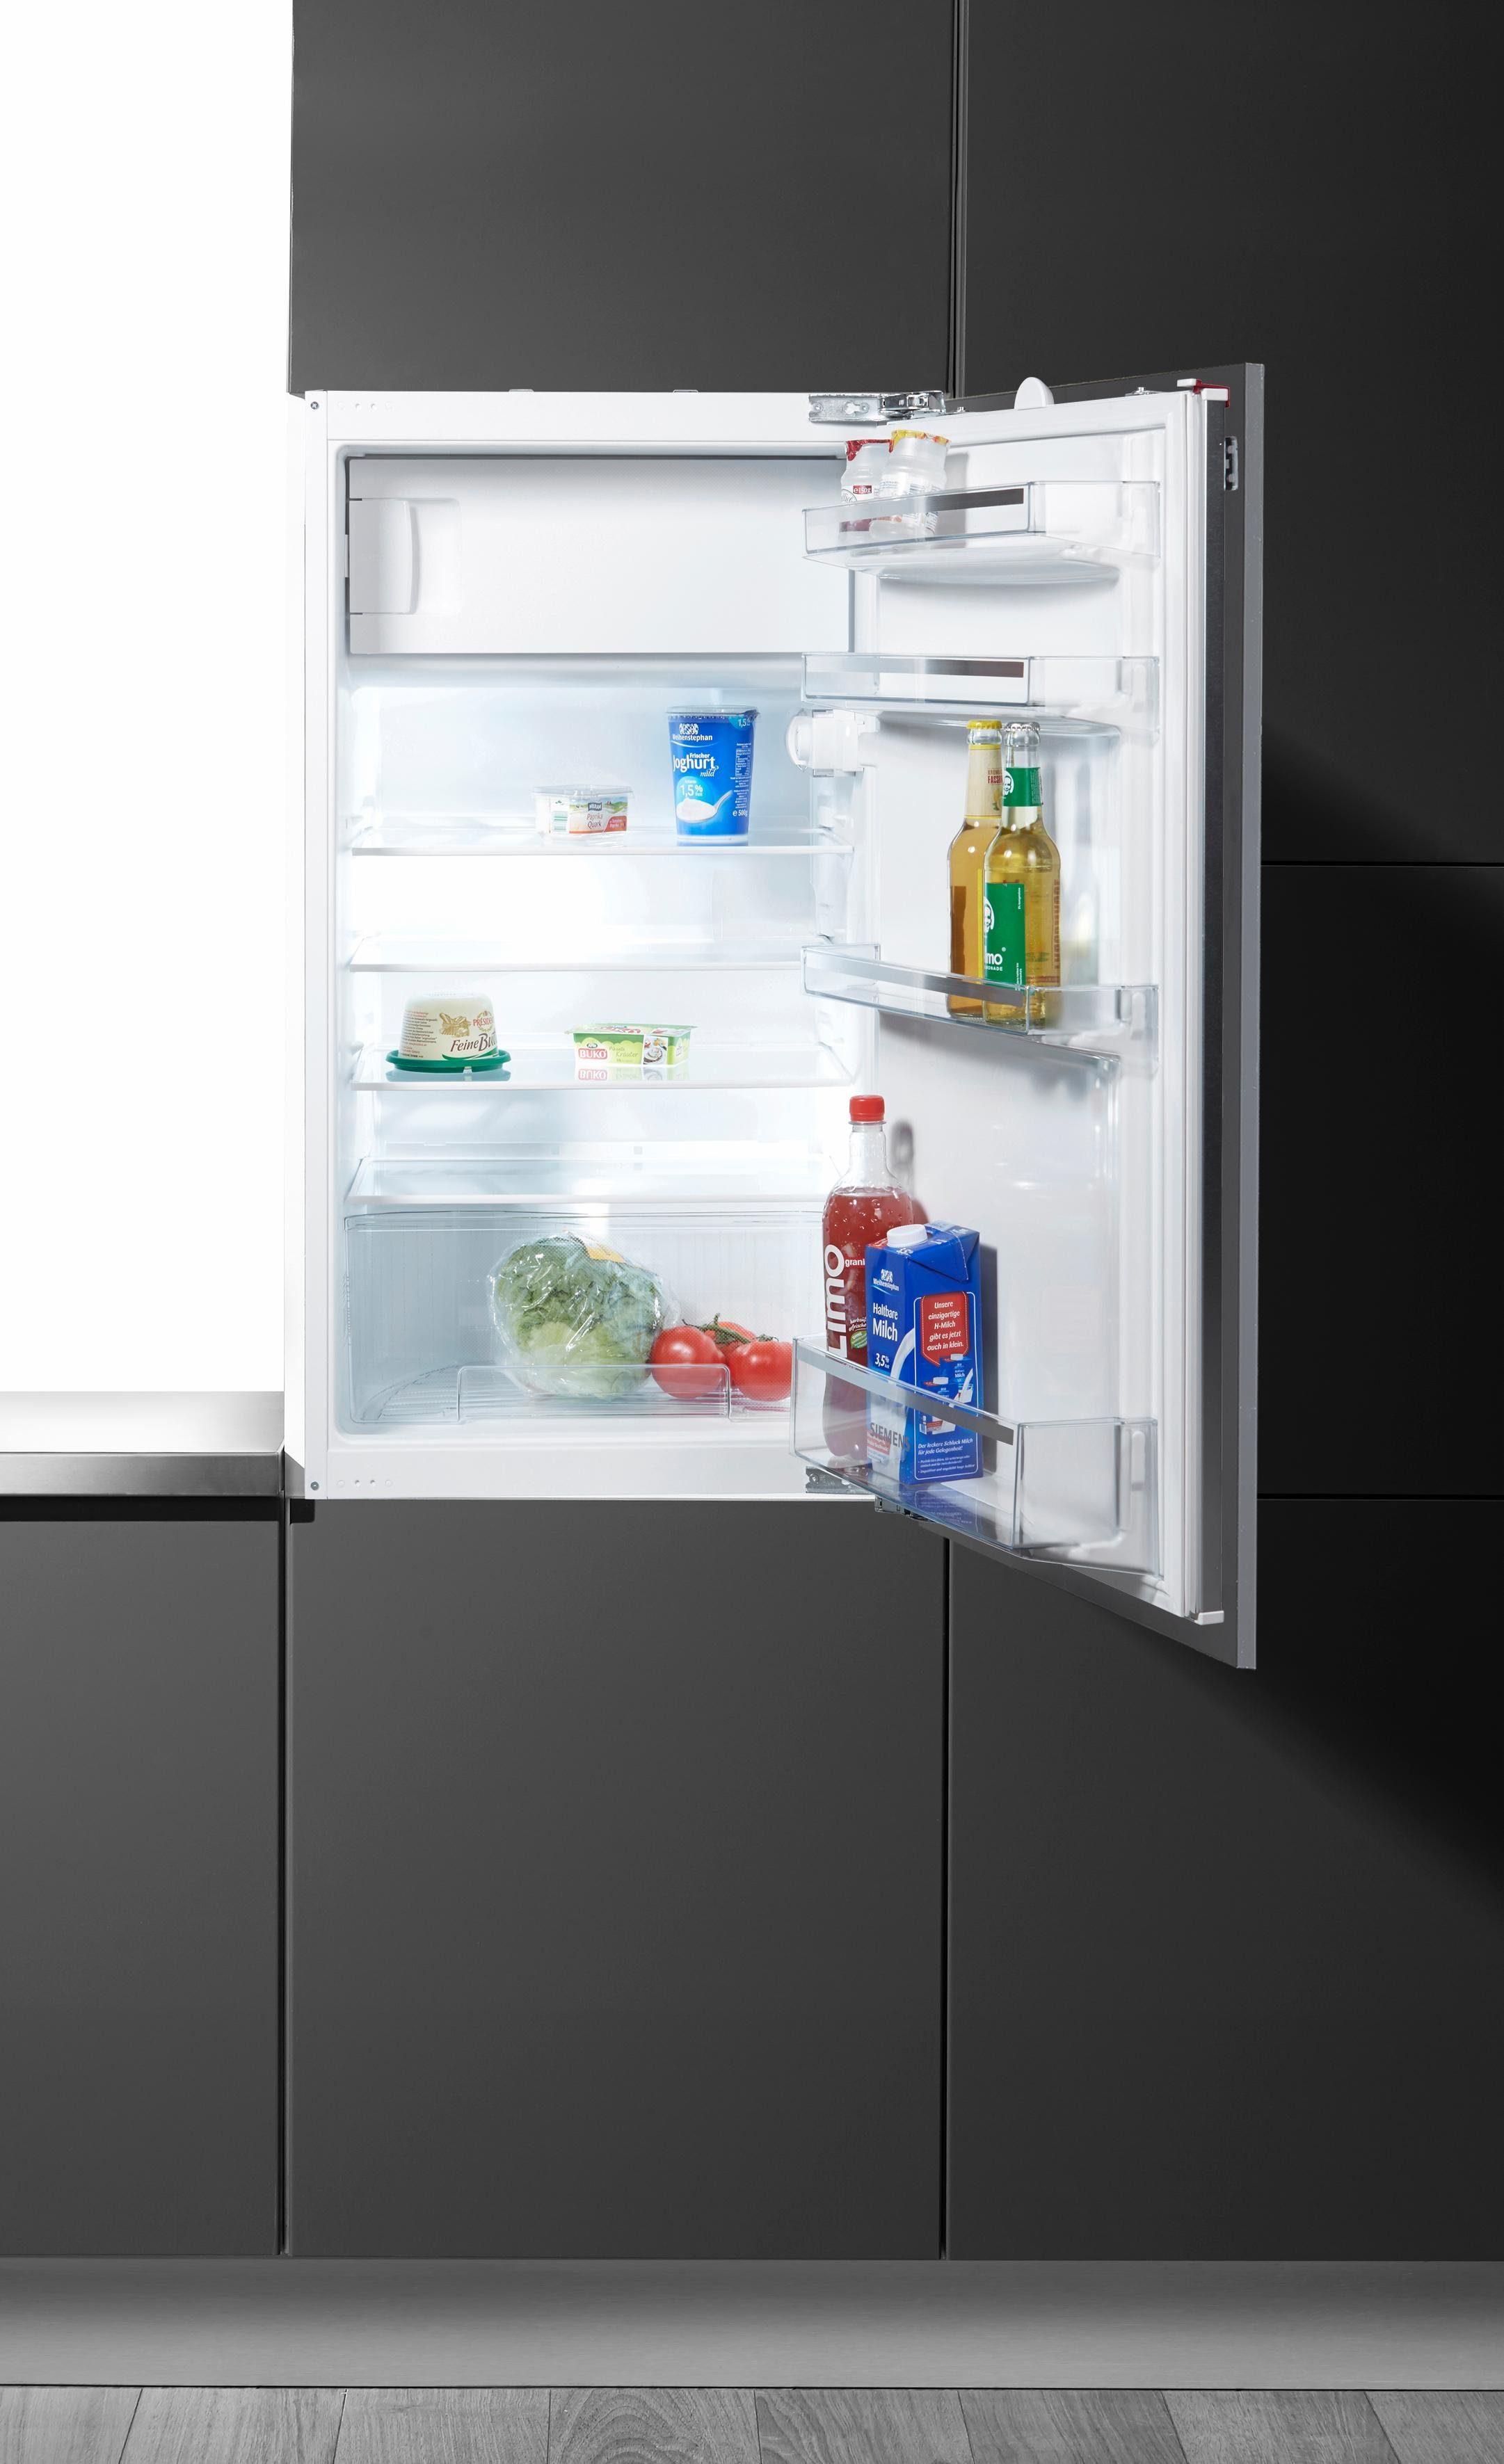 SIEMENS Einbaukühlschrank KI20LV52, 102,1 cm hoch, 54,1 cm breit, Energieklasse A+, 102,1 cm hoch